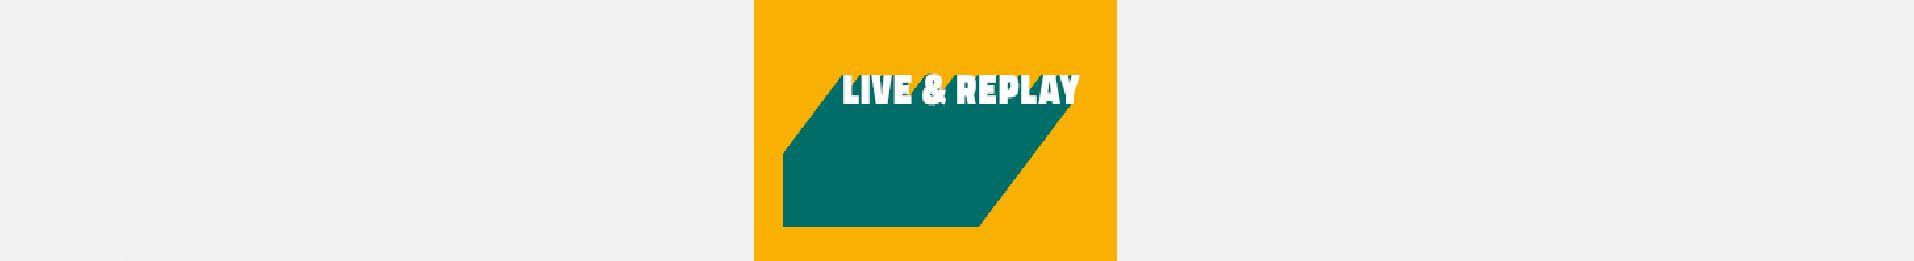 LIVE & REPLAY Accédez à toute l'offre vidéo & audio